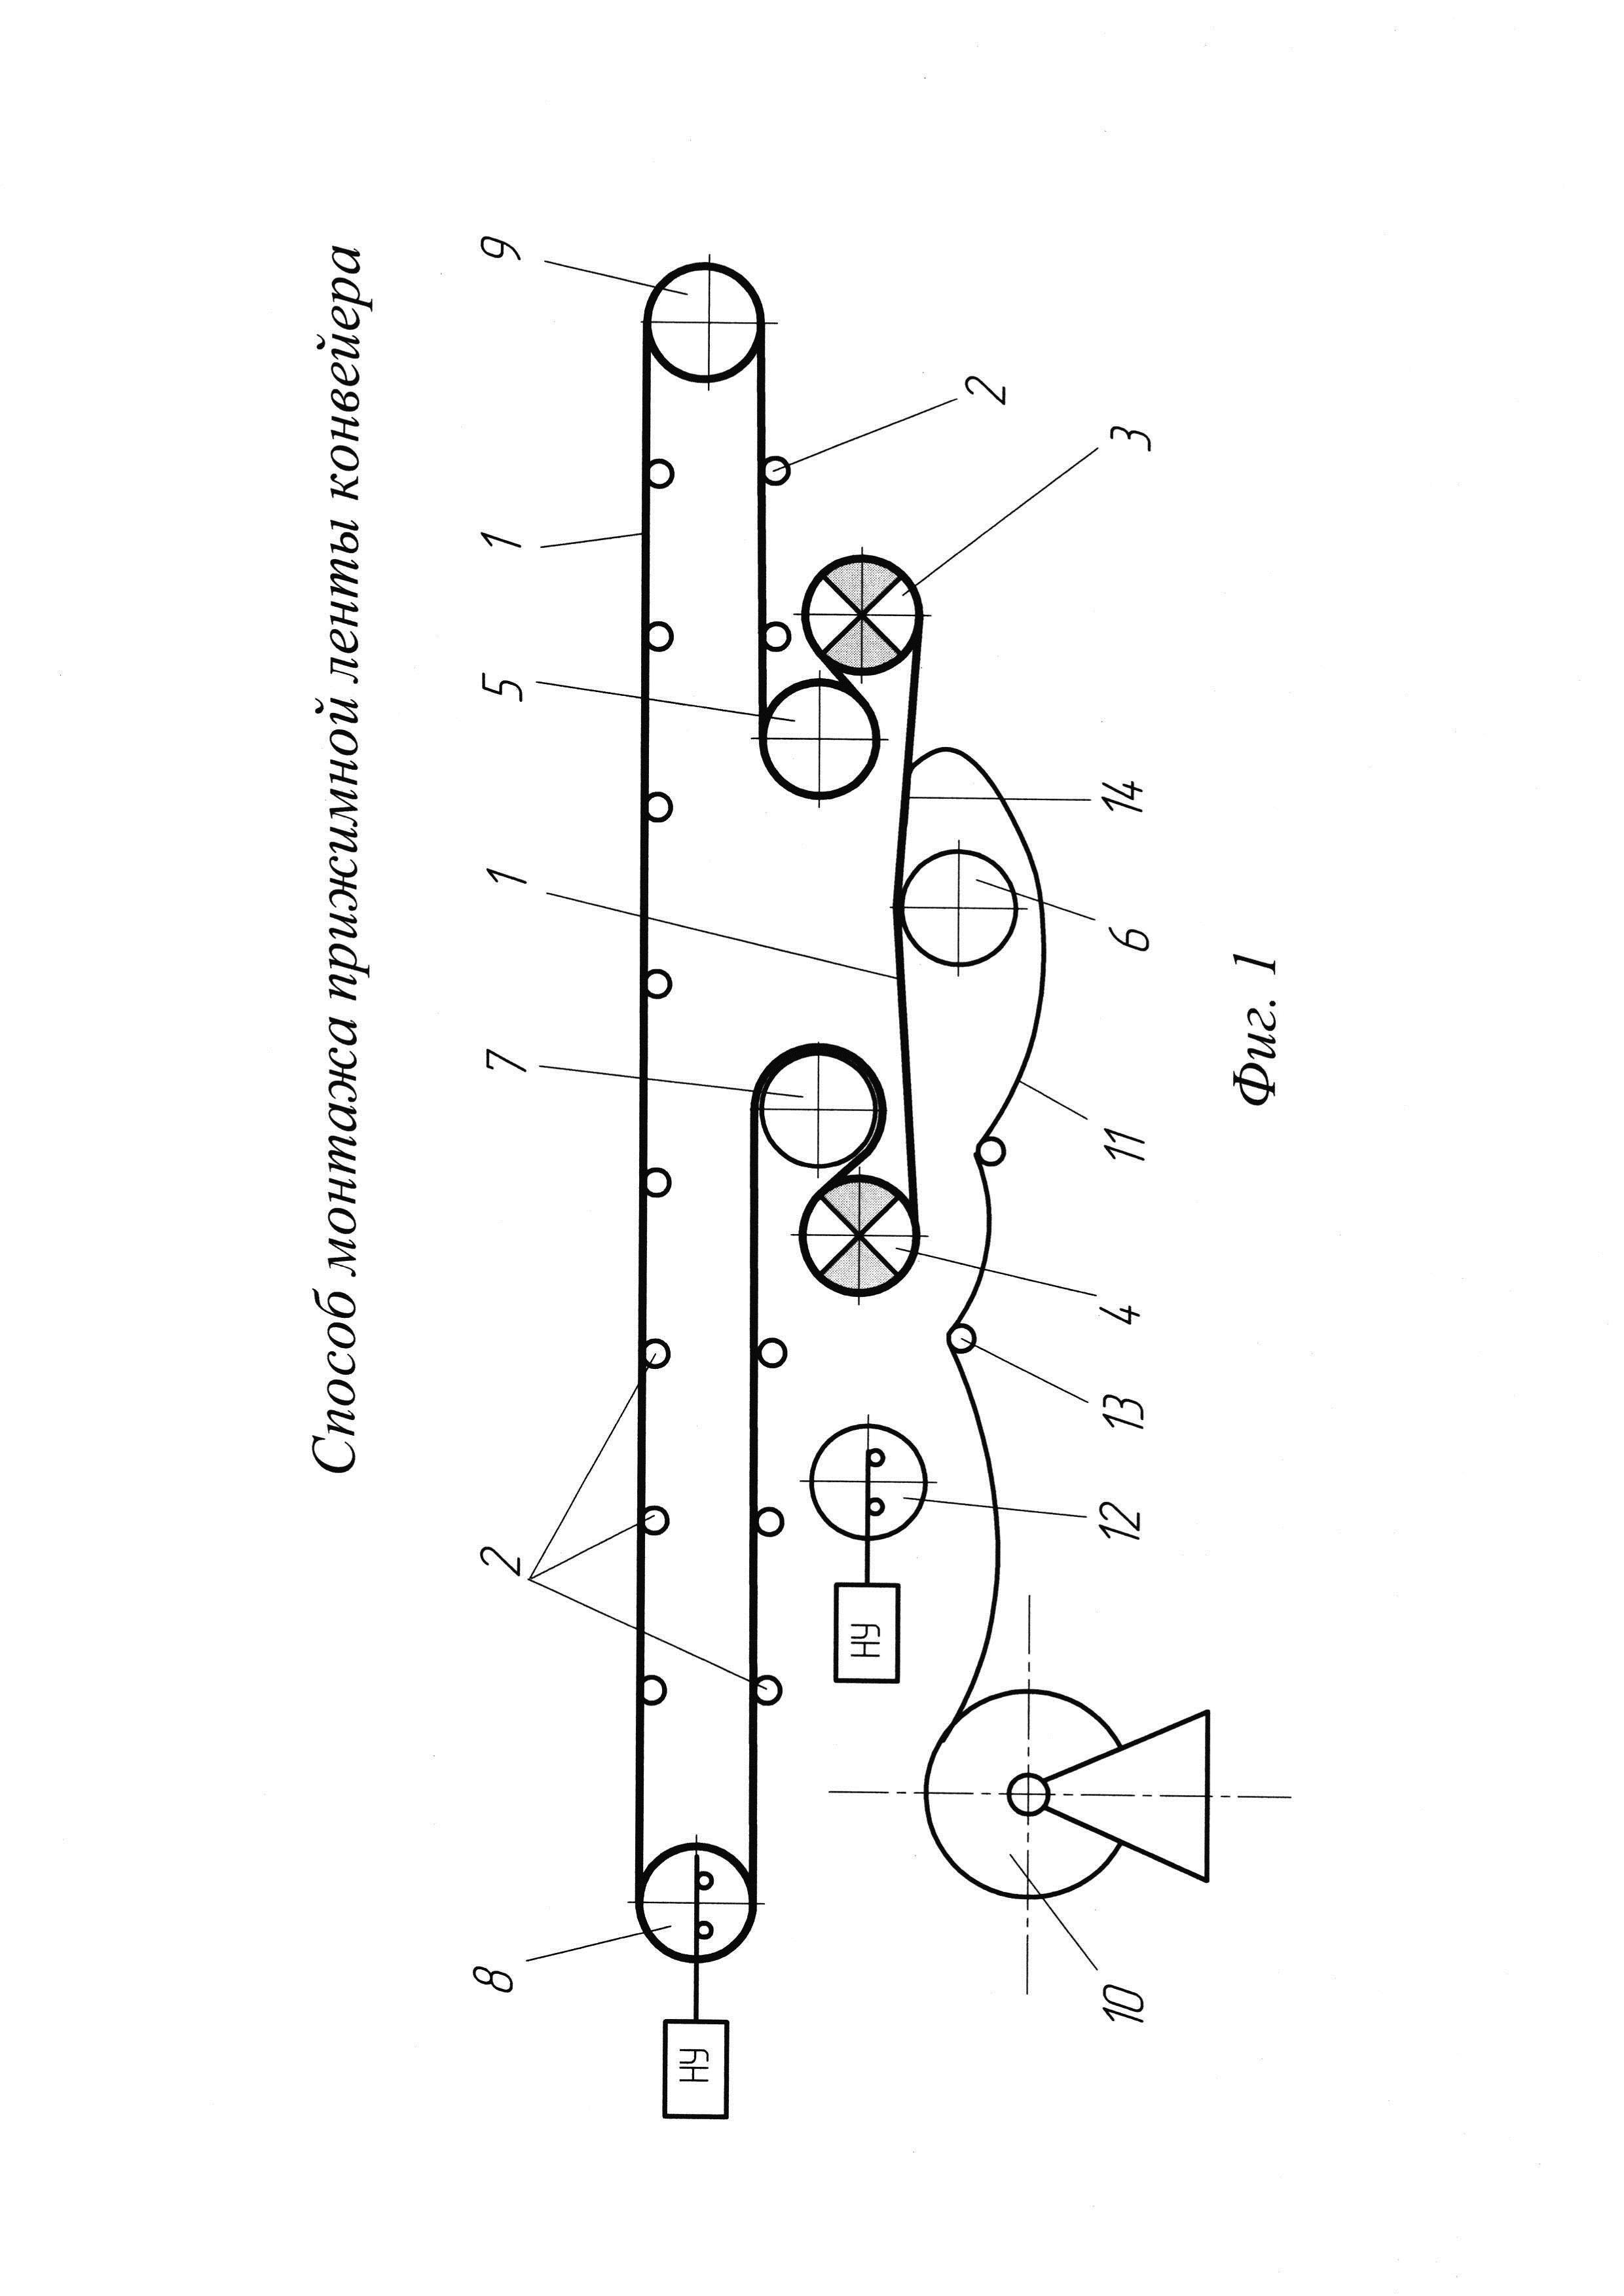 Конвейера с прижимной лентой тип цепи в скребковом конвейере